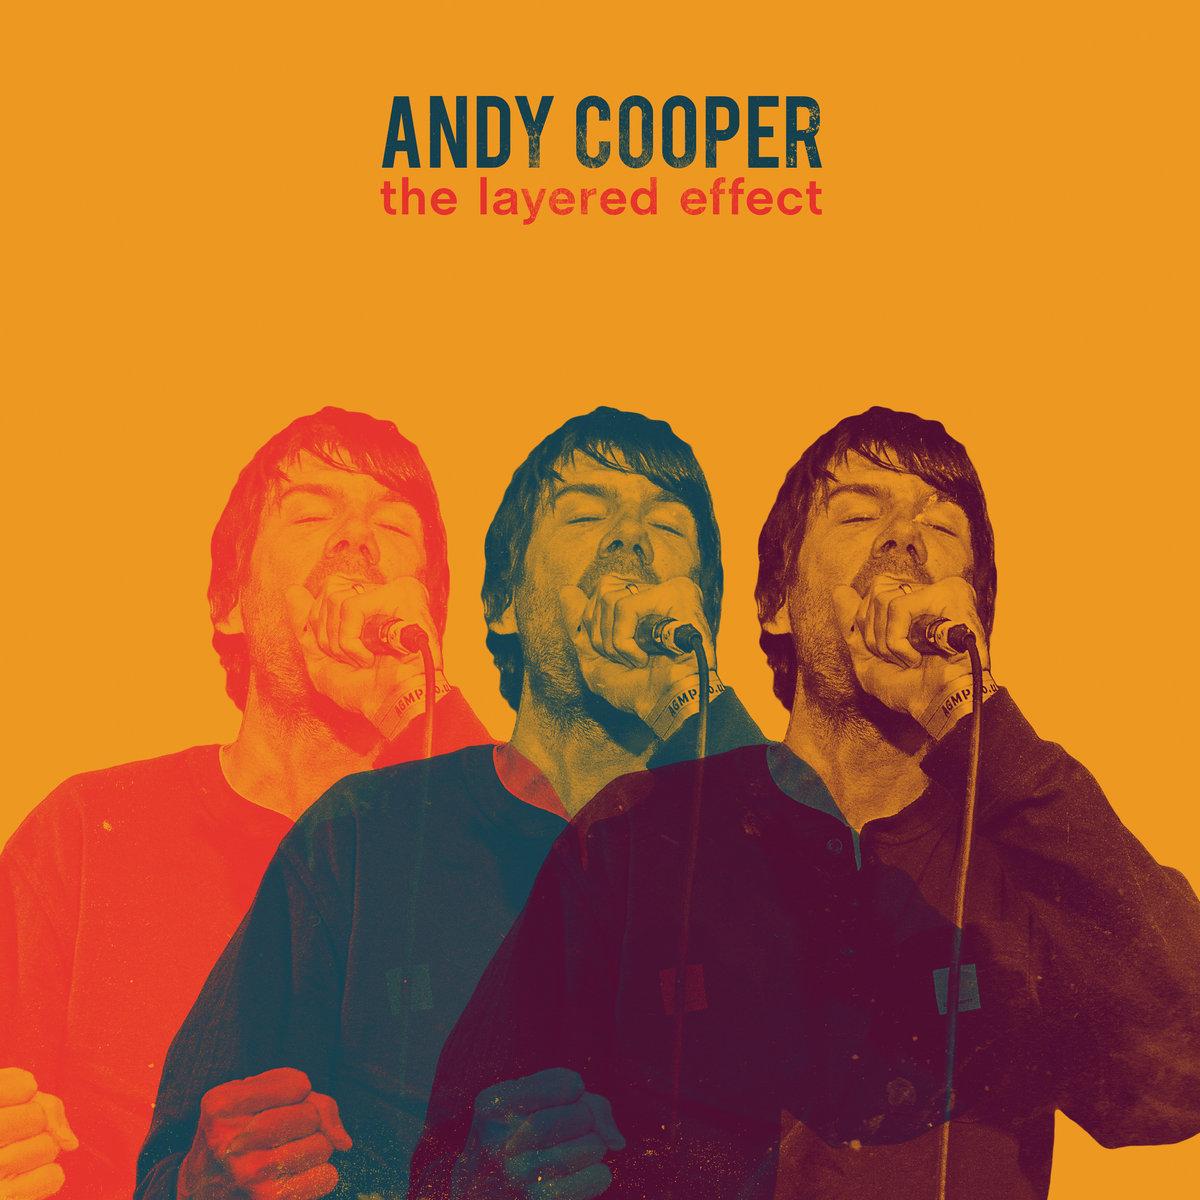 """Résultat de recherche d'images pour """"andy cooper the layered effect"""""""